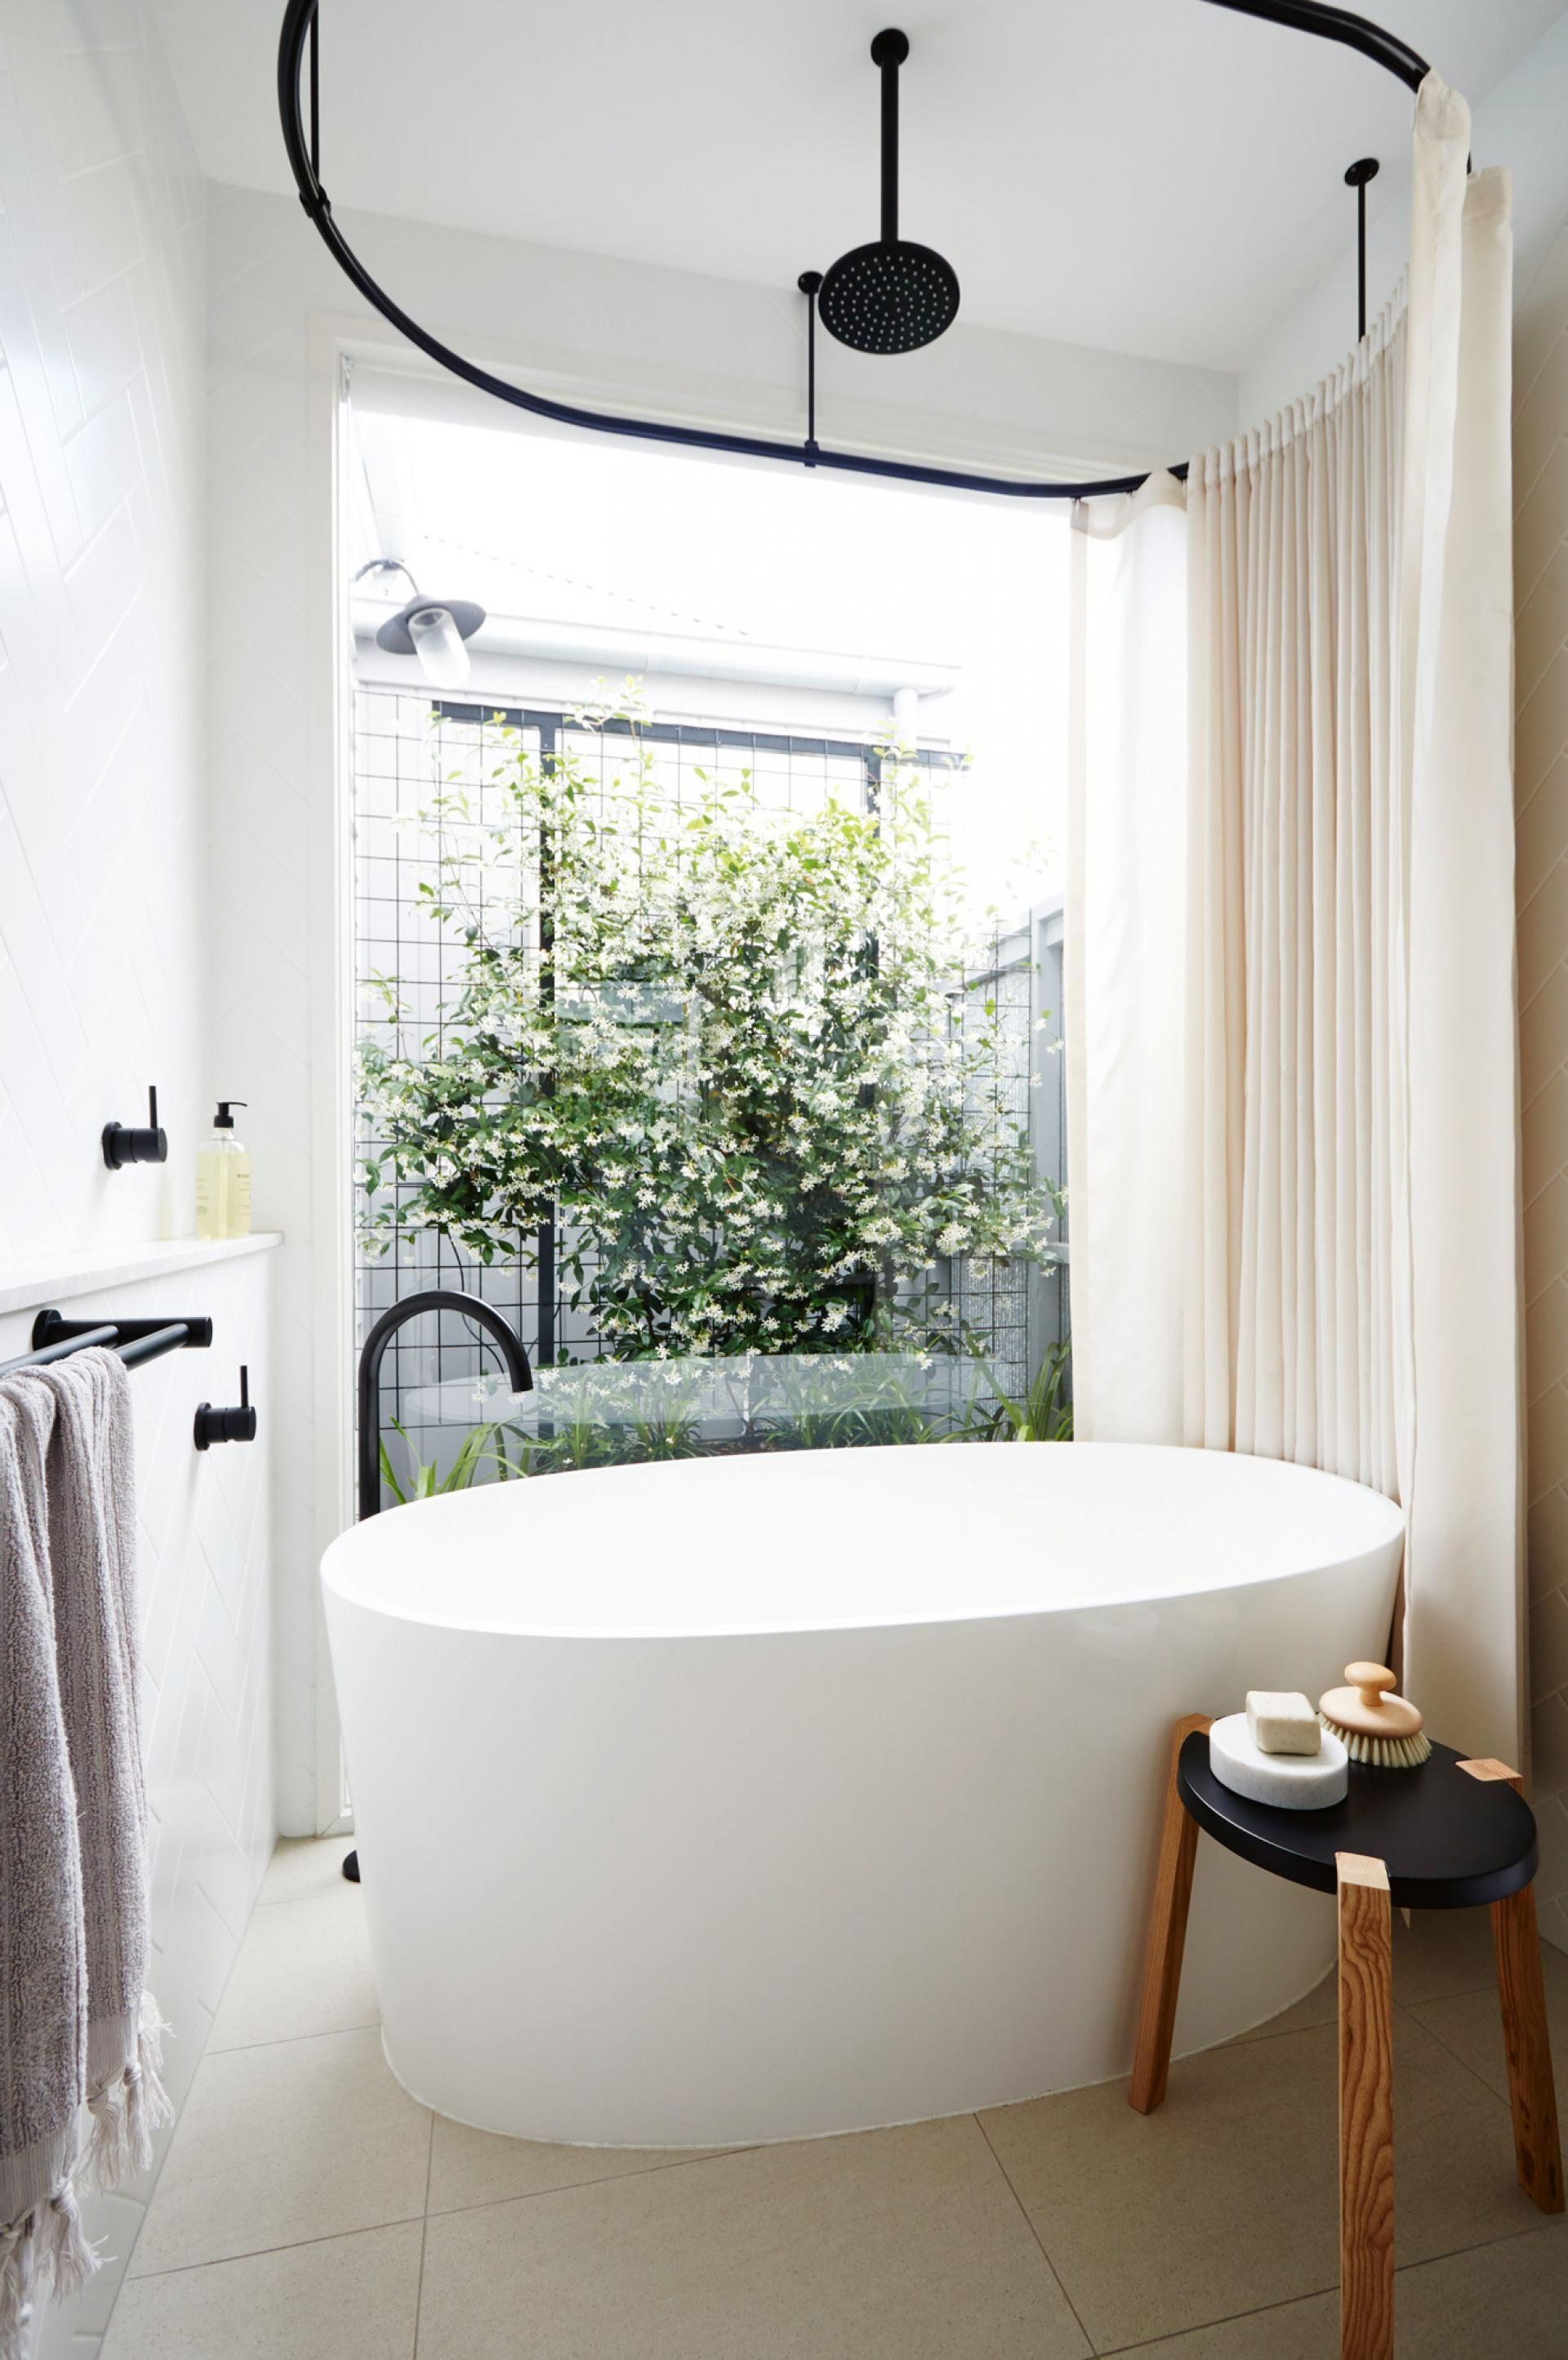 Pin Von Feli Thieme Auf Bathrooms Badezimmer Innenausstattung Badezimmer Renovieren Badezimmer Klein